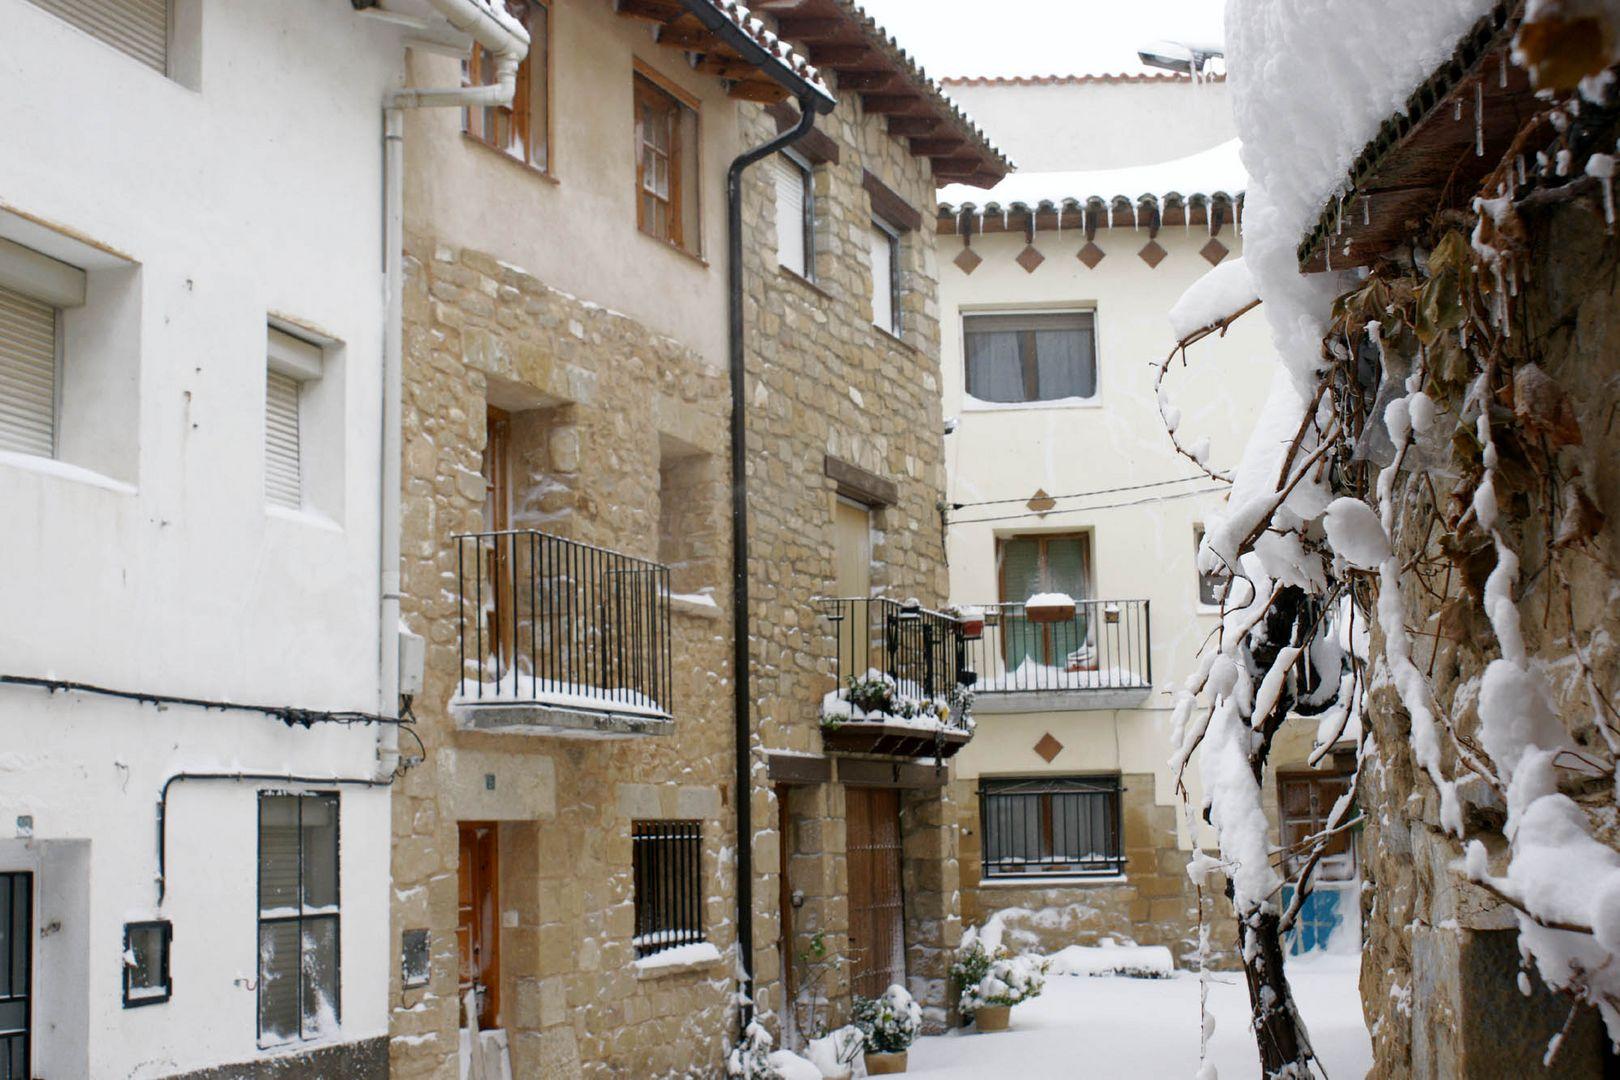 La Fresneda (Teruel) Mi calle